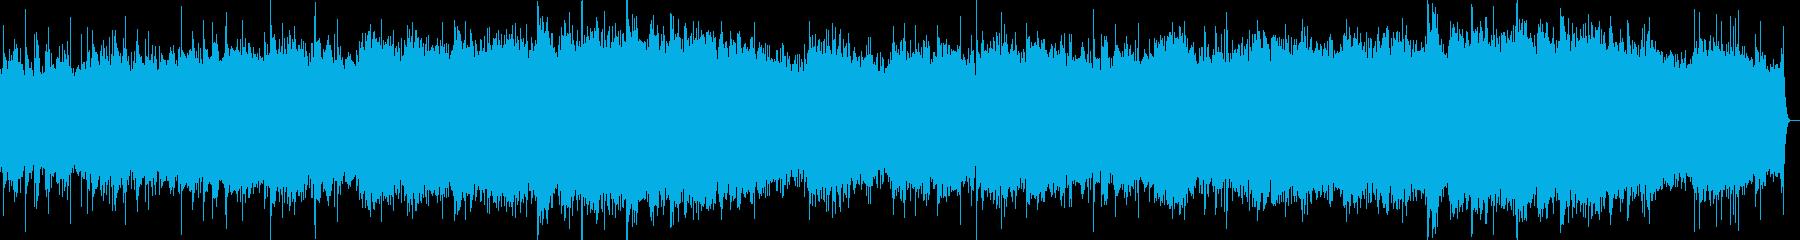 尺八と琴メインのゆったりとしたインストの再生済みの波形